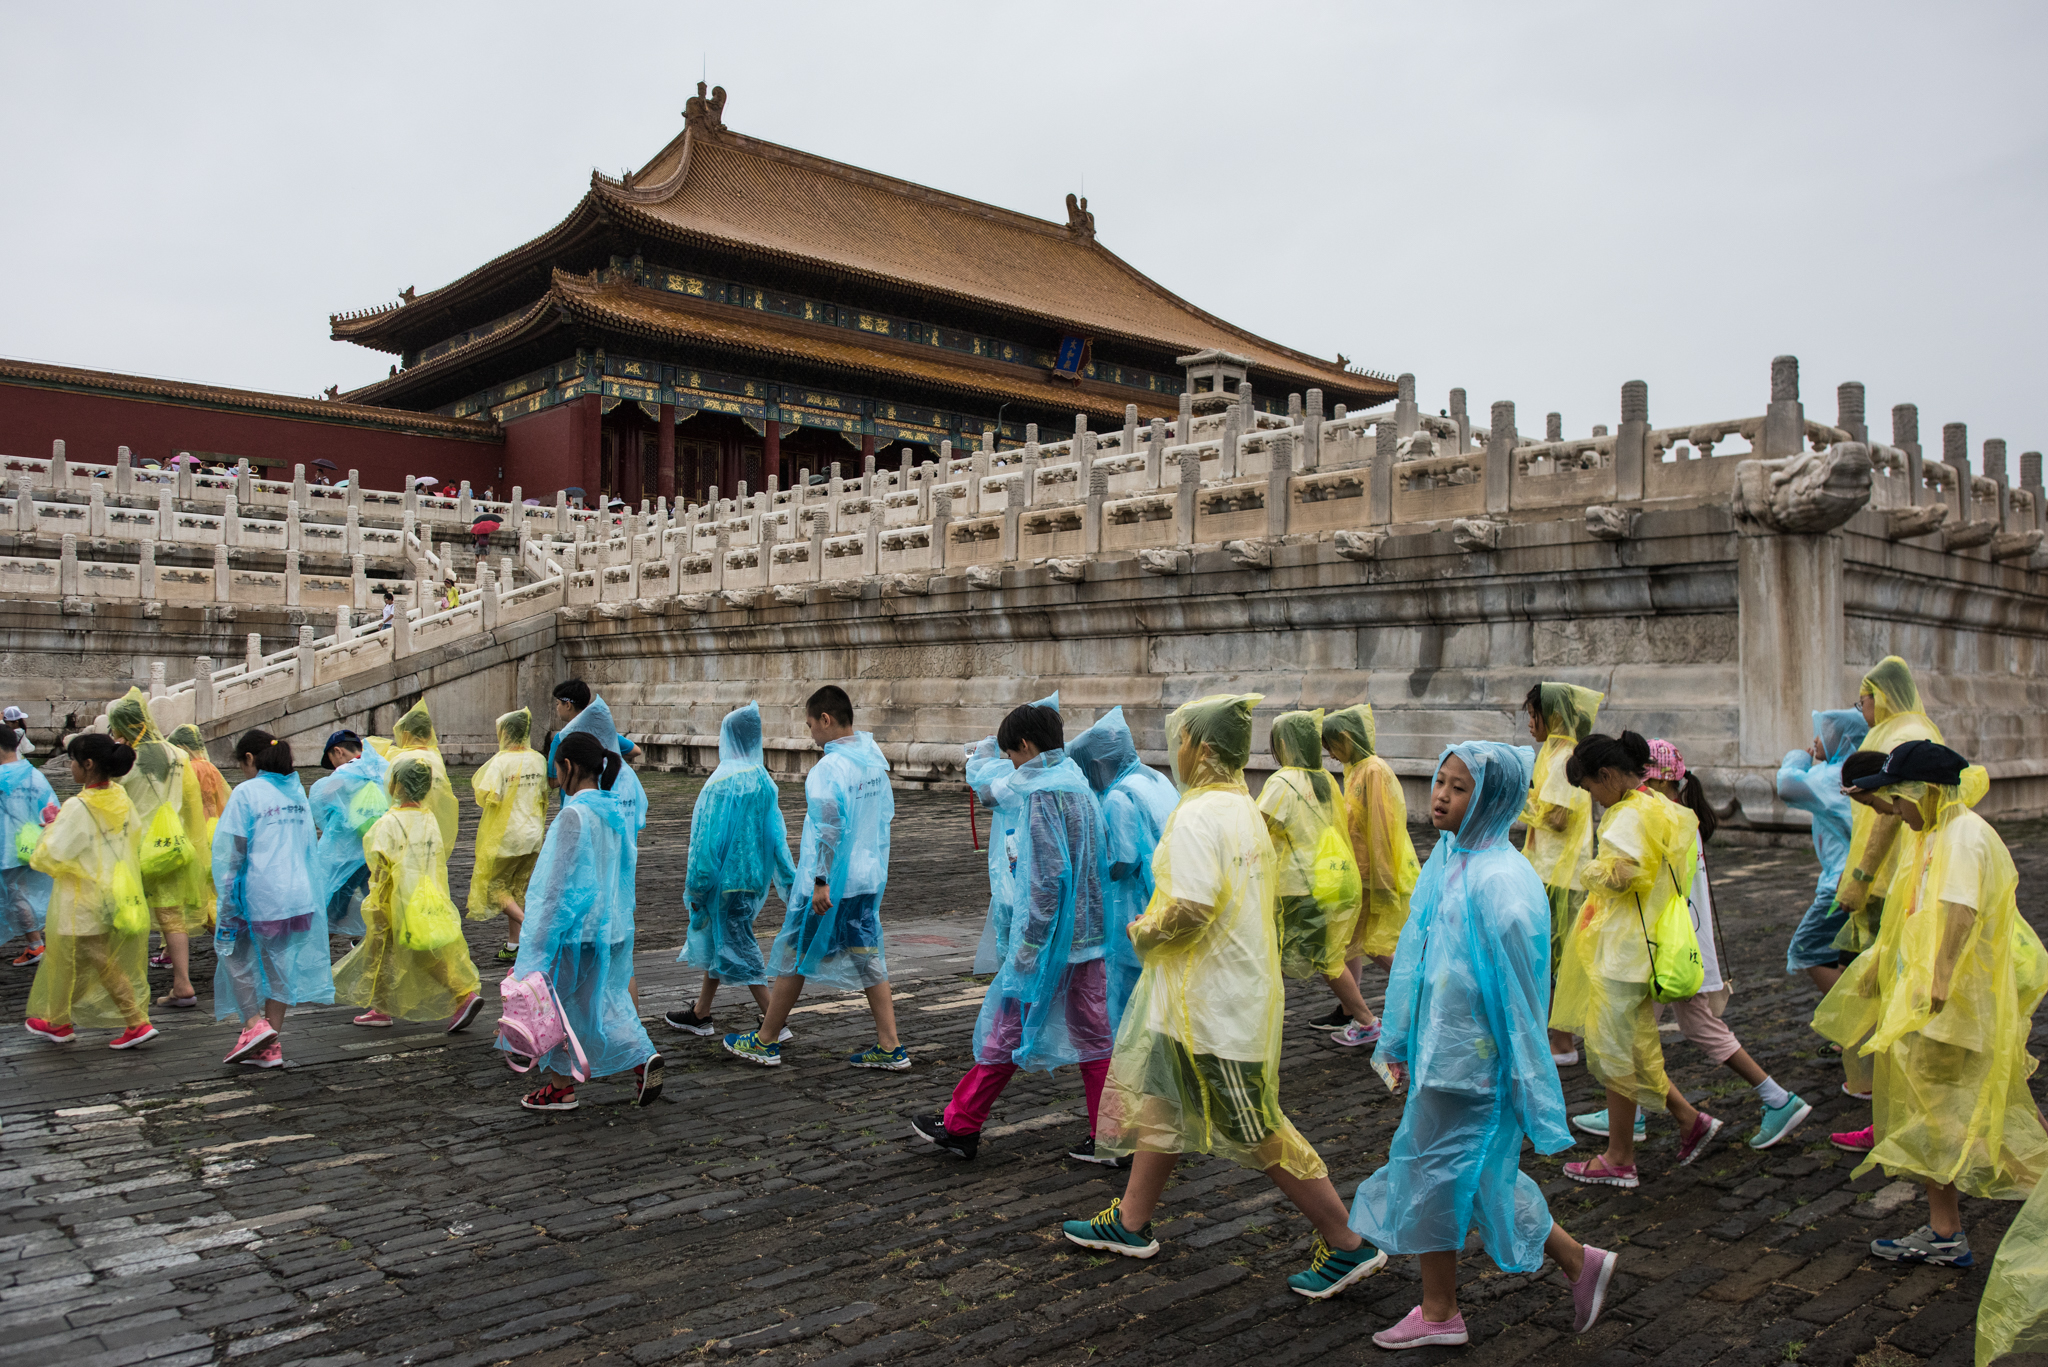 The Forbidden City | Beijing